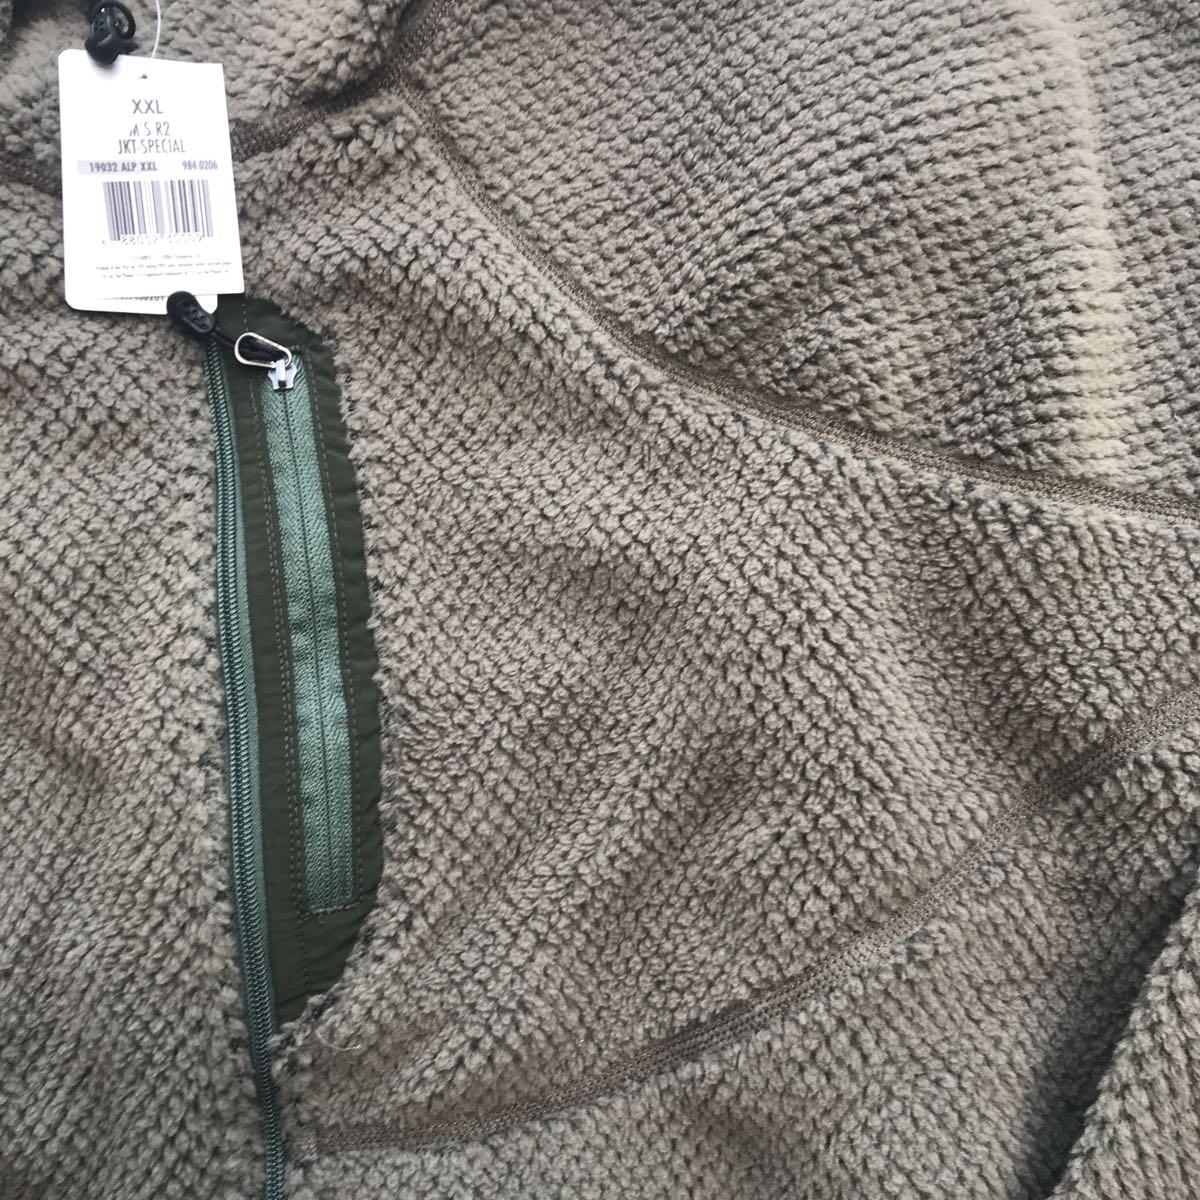 【日本未発売・デッドストック・廃盤】パタゴニア patagonia level 3 R2ジャケット 06年USA製 サイズ XXL 米軍特殊部隊用 MARS 検レトロ_画像2